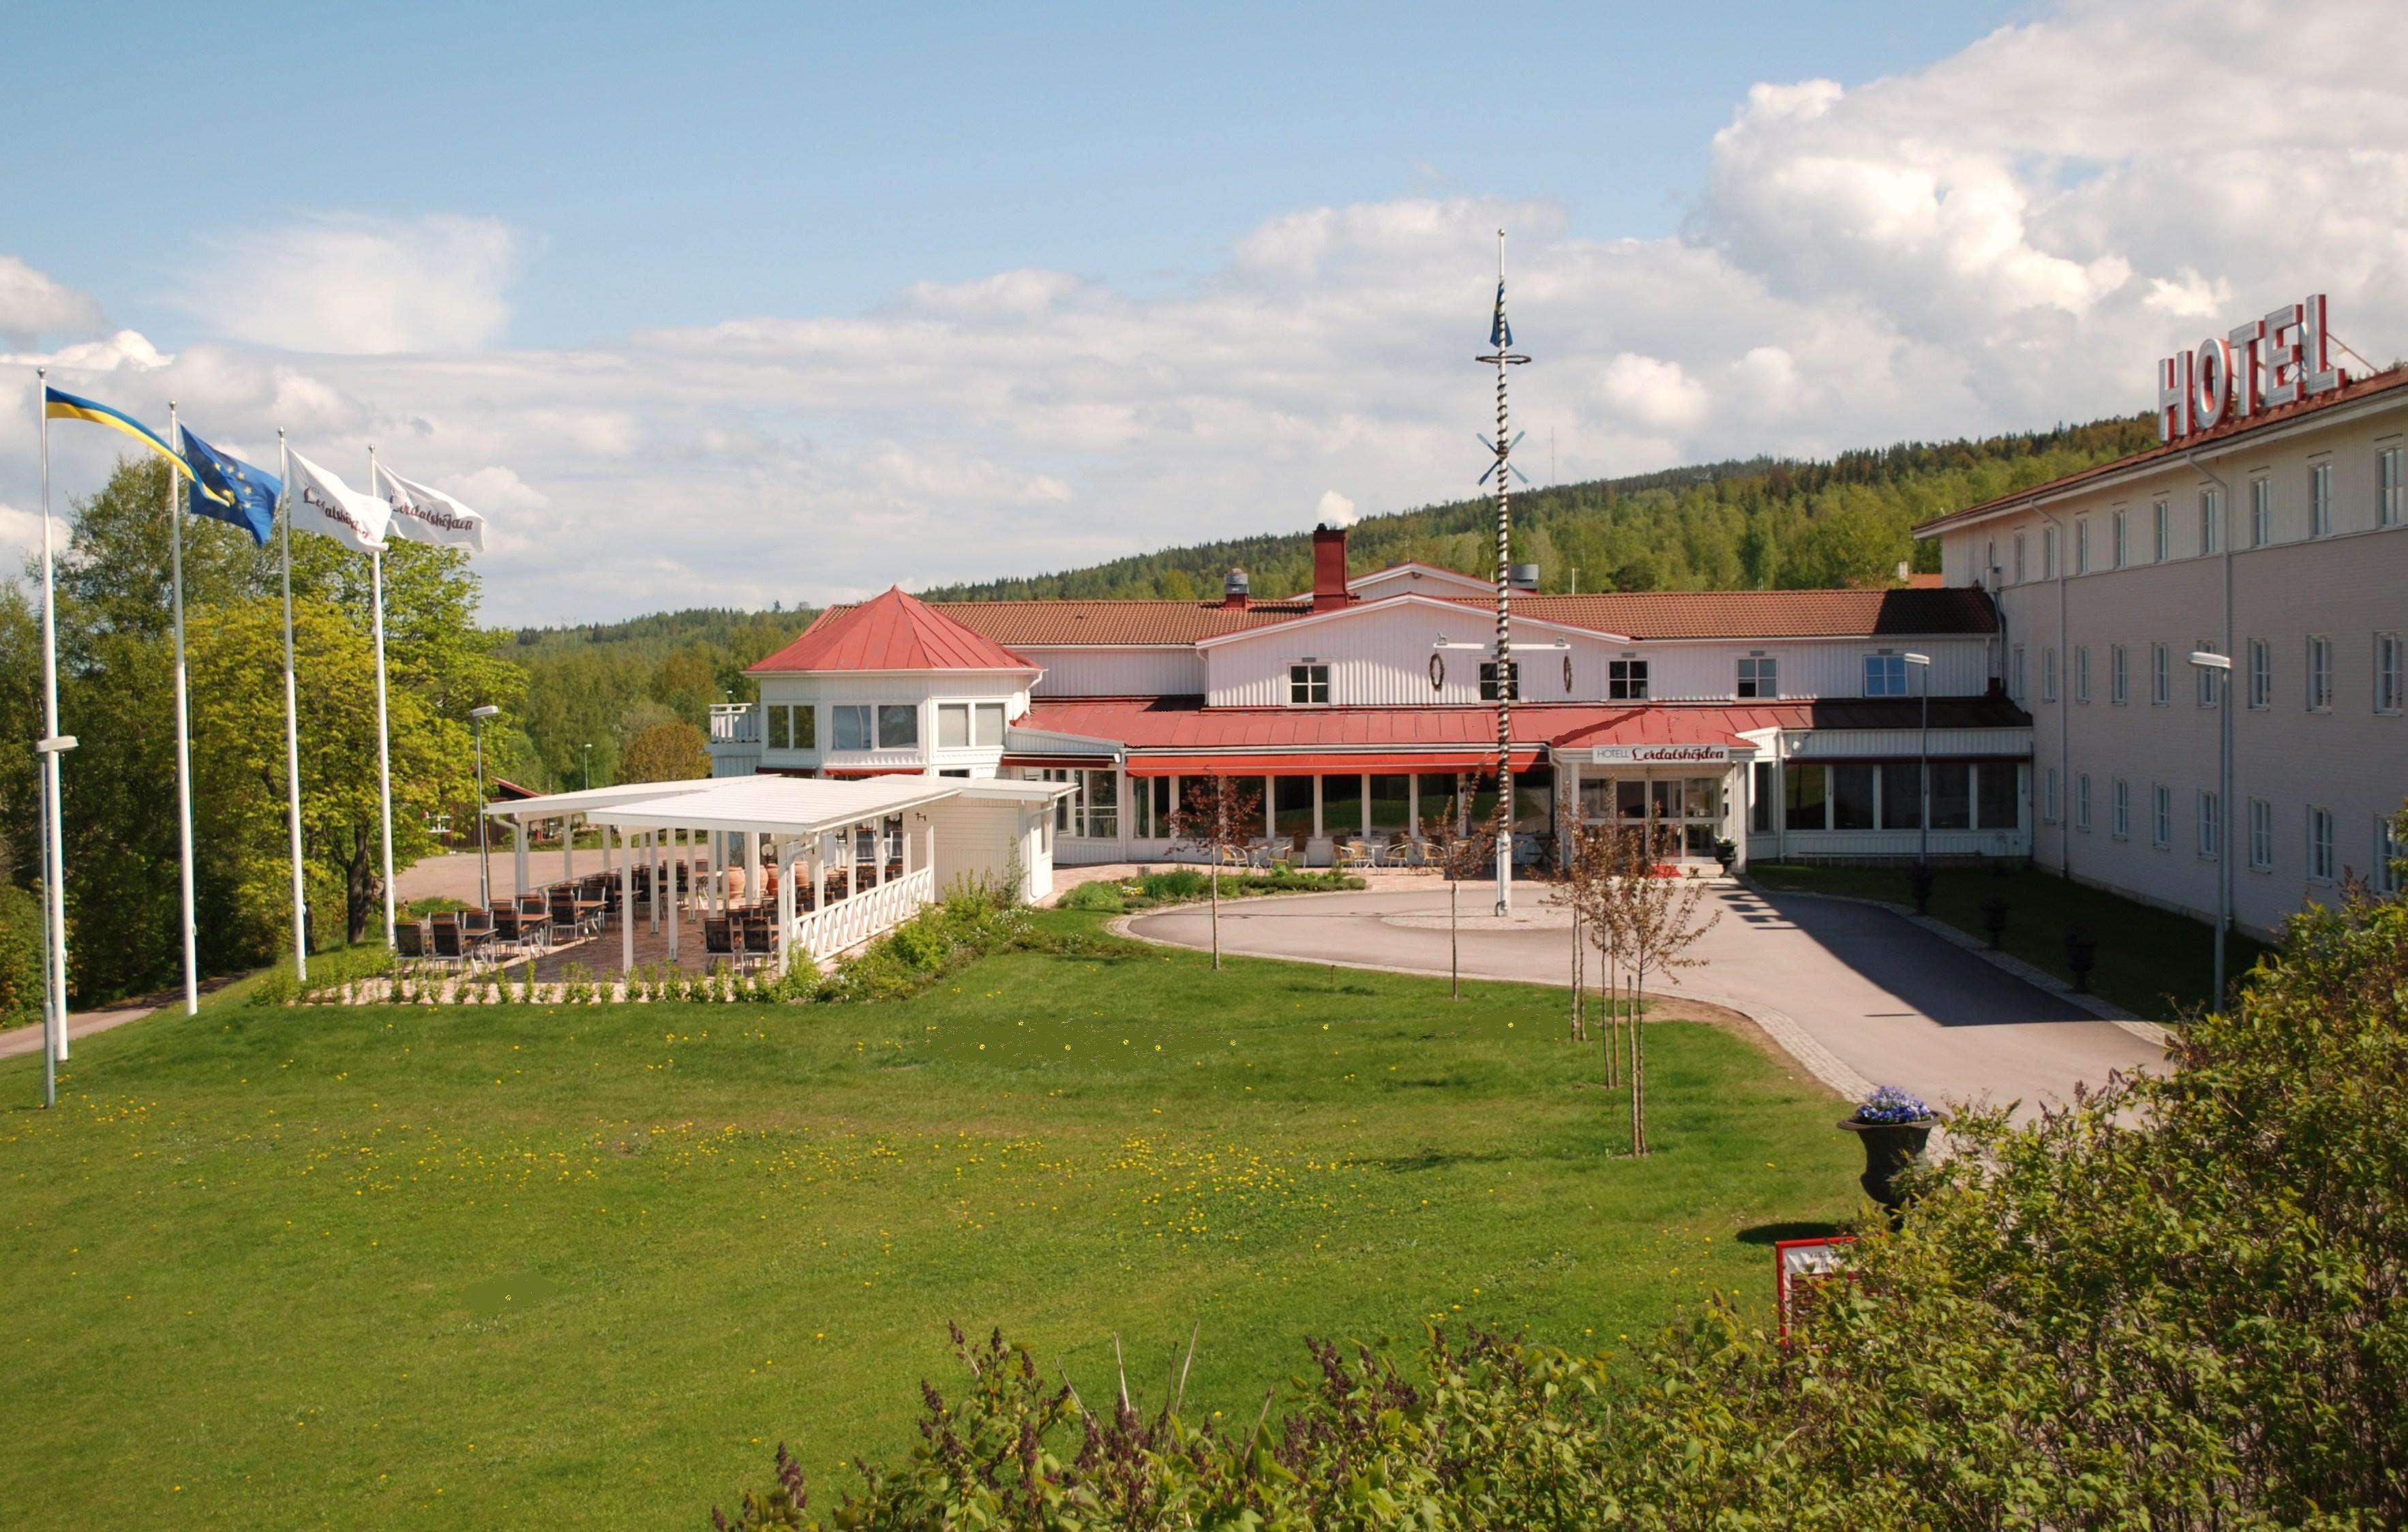 BEST WESTERN Hotell Lerdalshojden